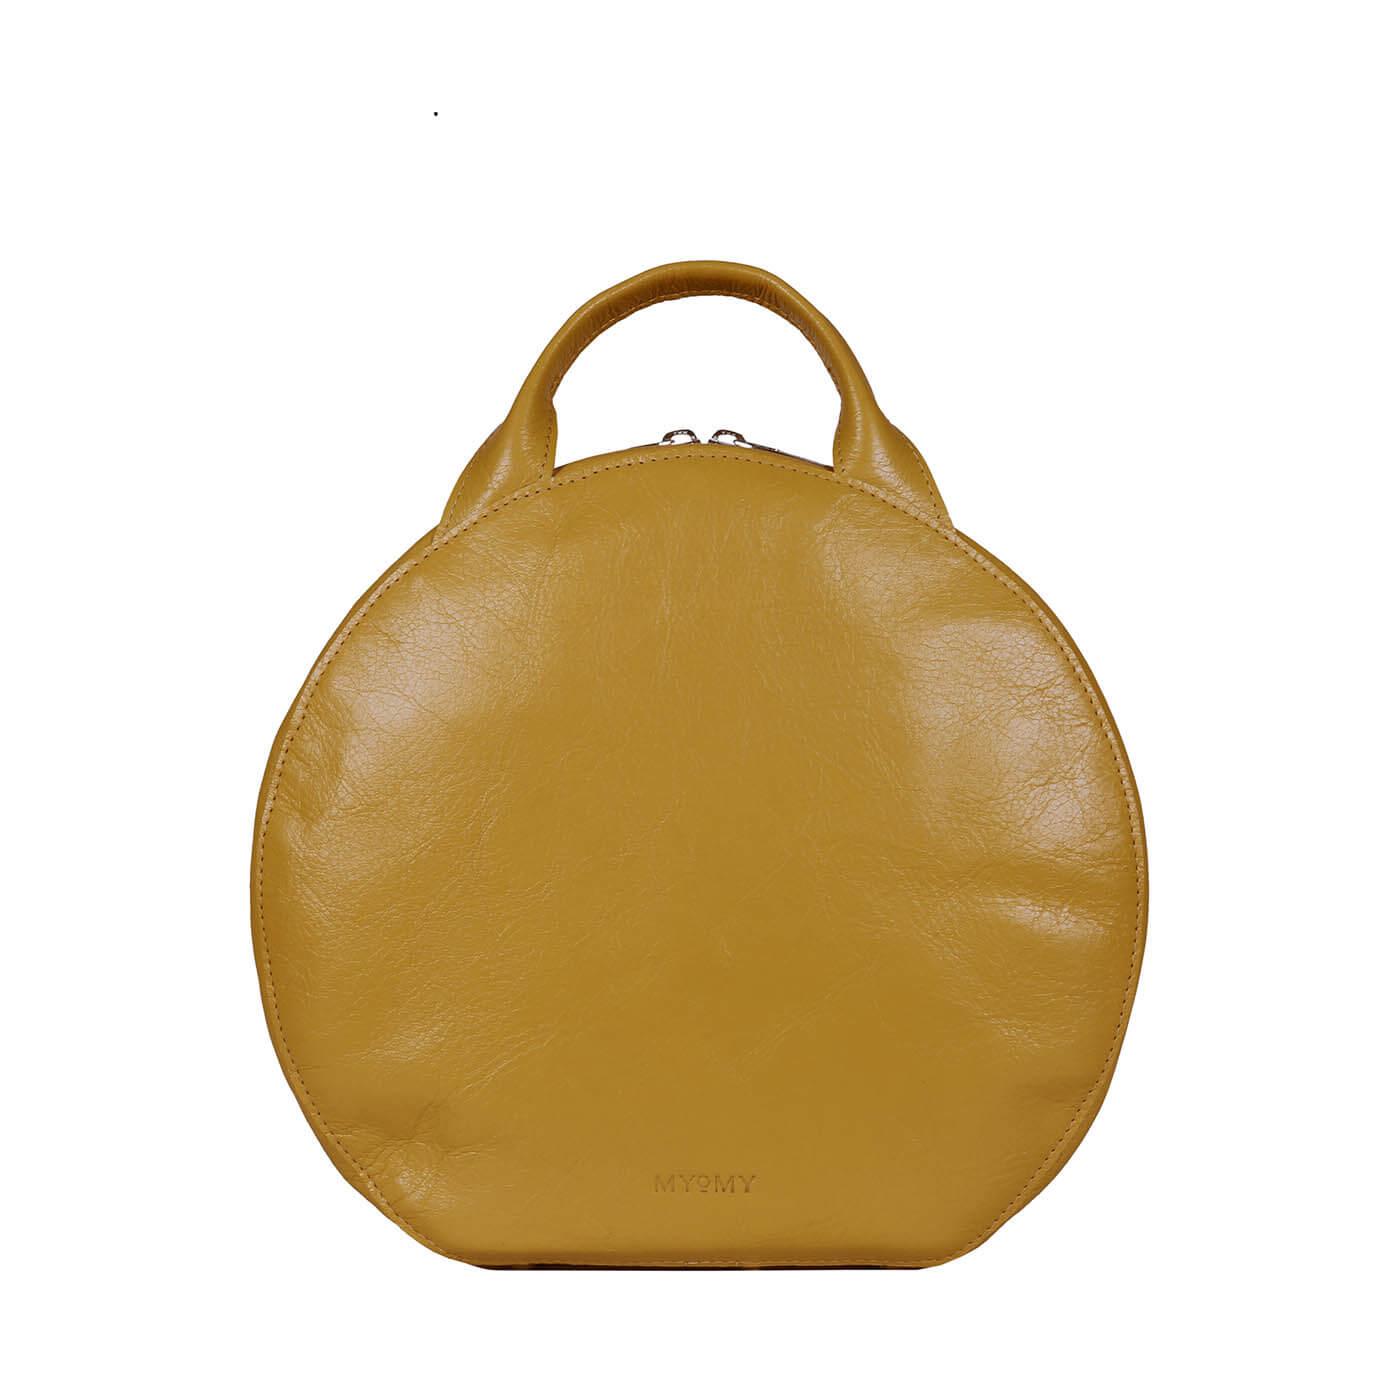 MY BOXY BAG Cookie backbag - seville ocher